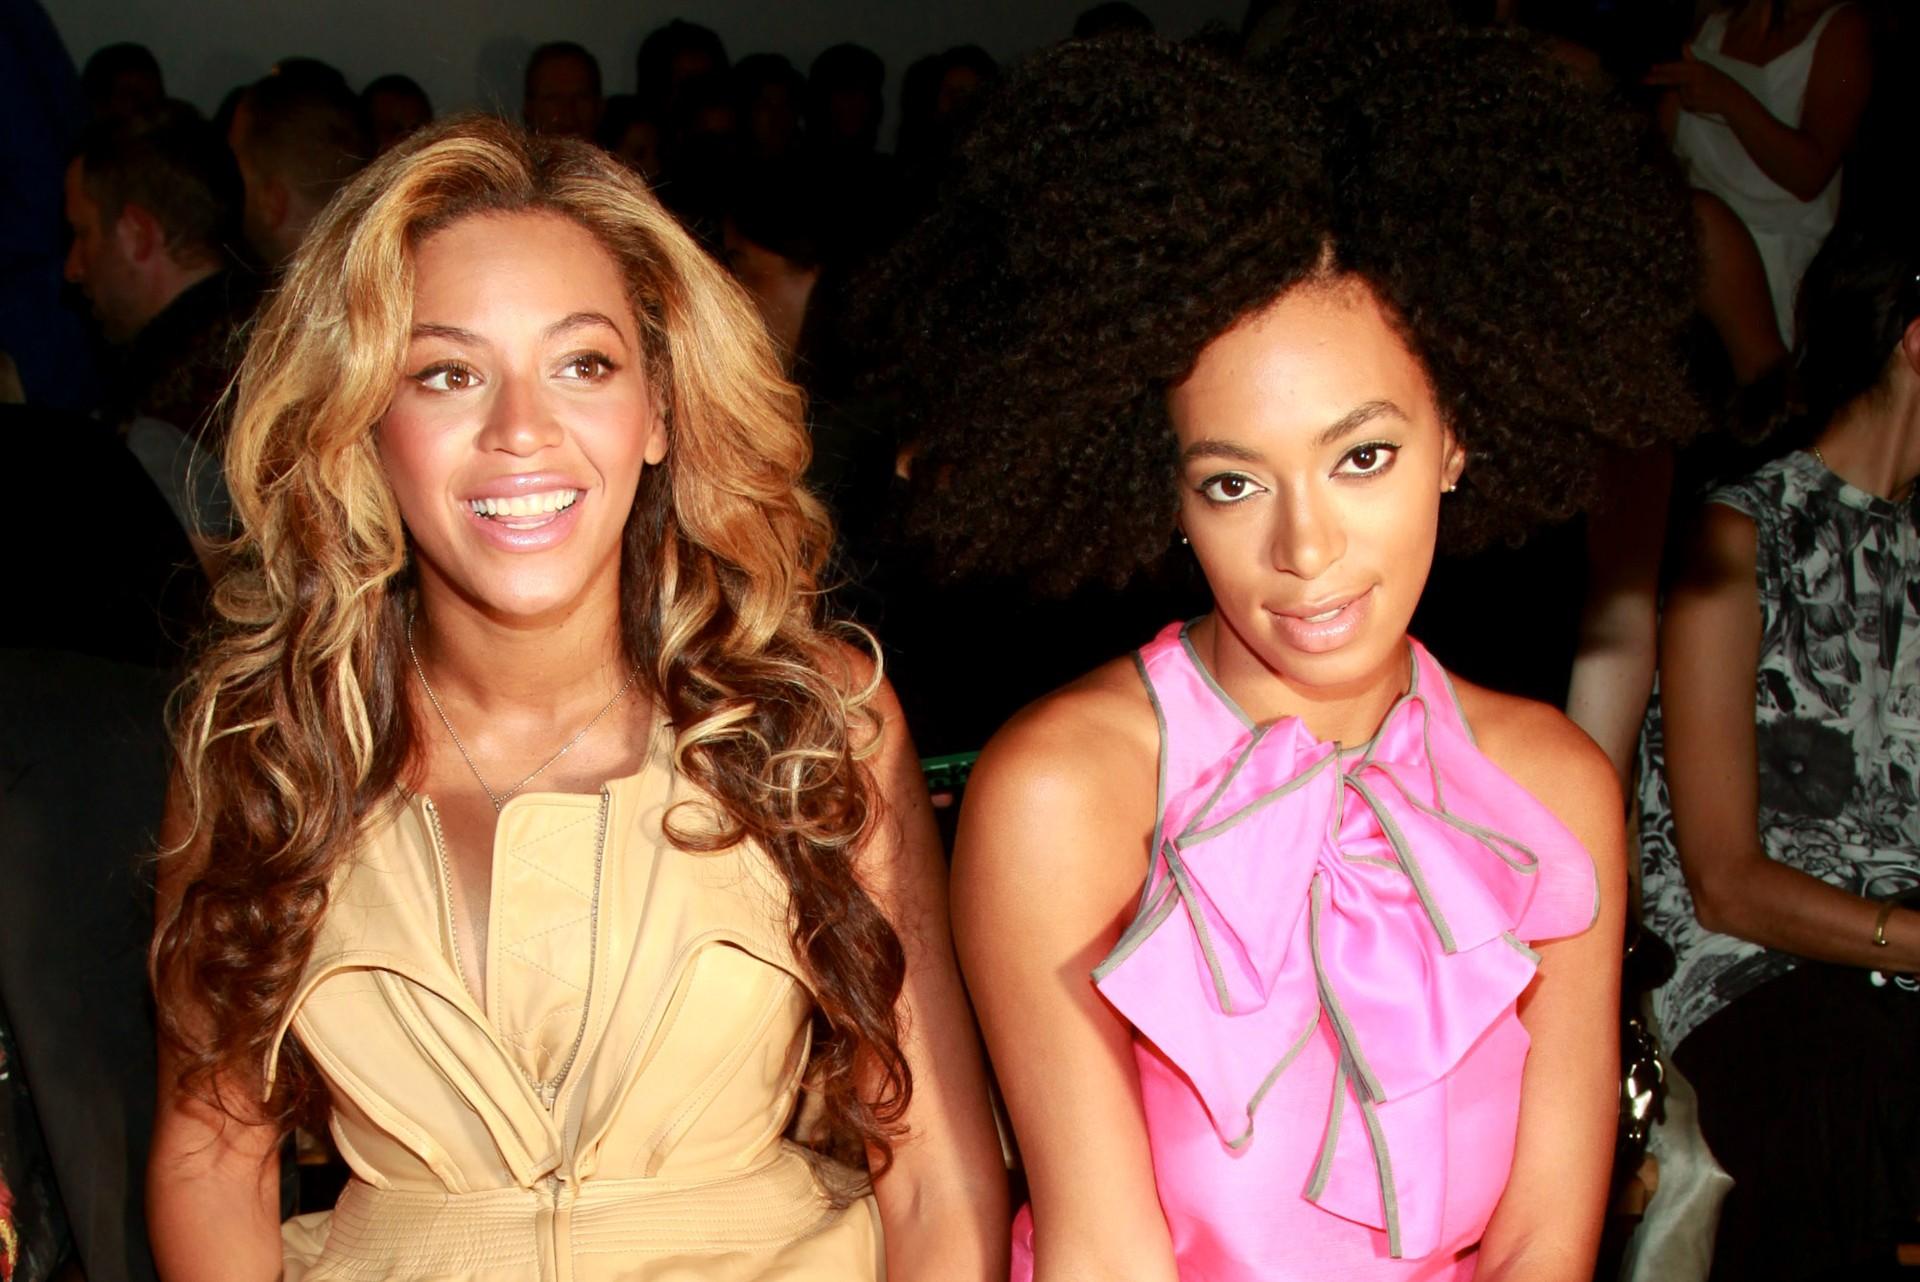 À esquerda, Beyoncé, de 32 anos. E a direita, Solange Knowles, de 28 anos. Ambas são cantoras. (E não vamos escrever mais nada porque, né, vai que a Solange se irrita). (Foto: Getty Images)